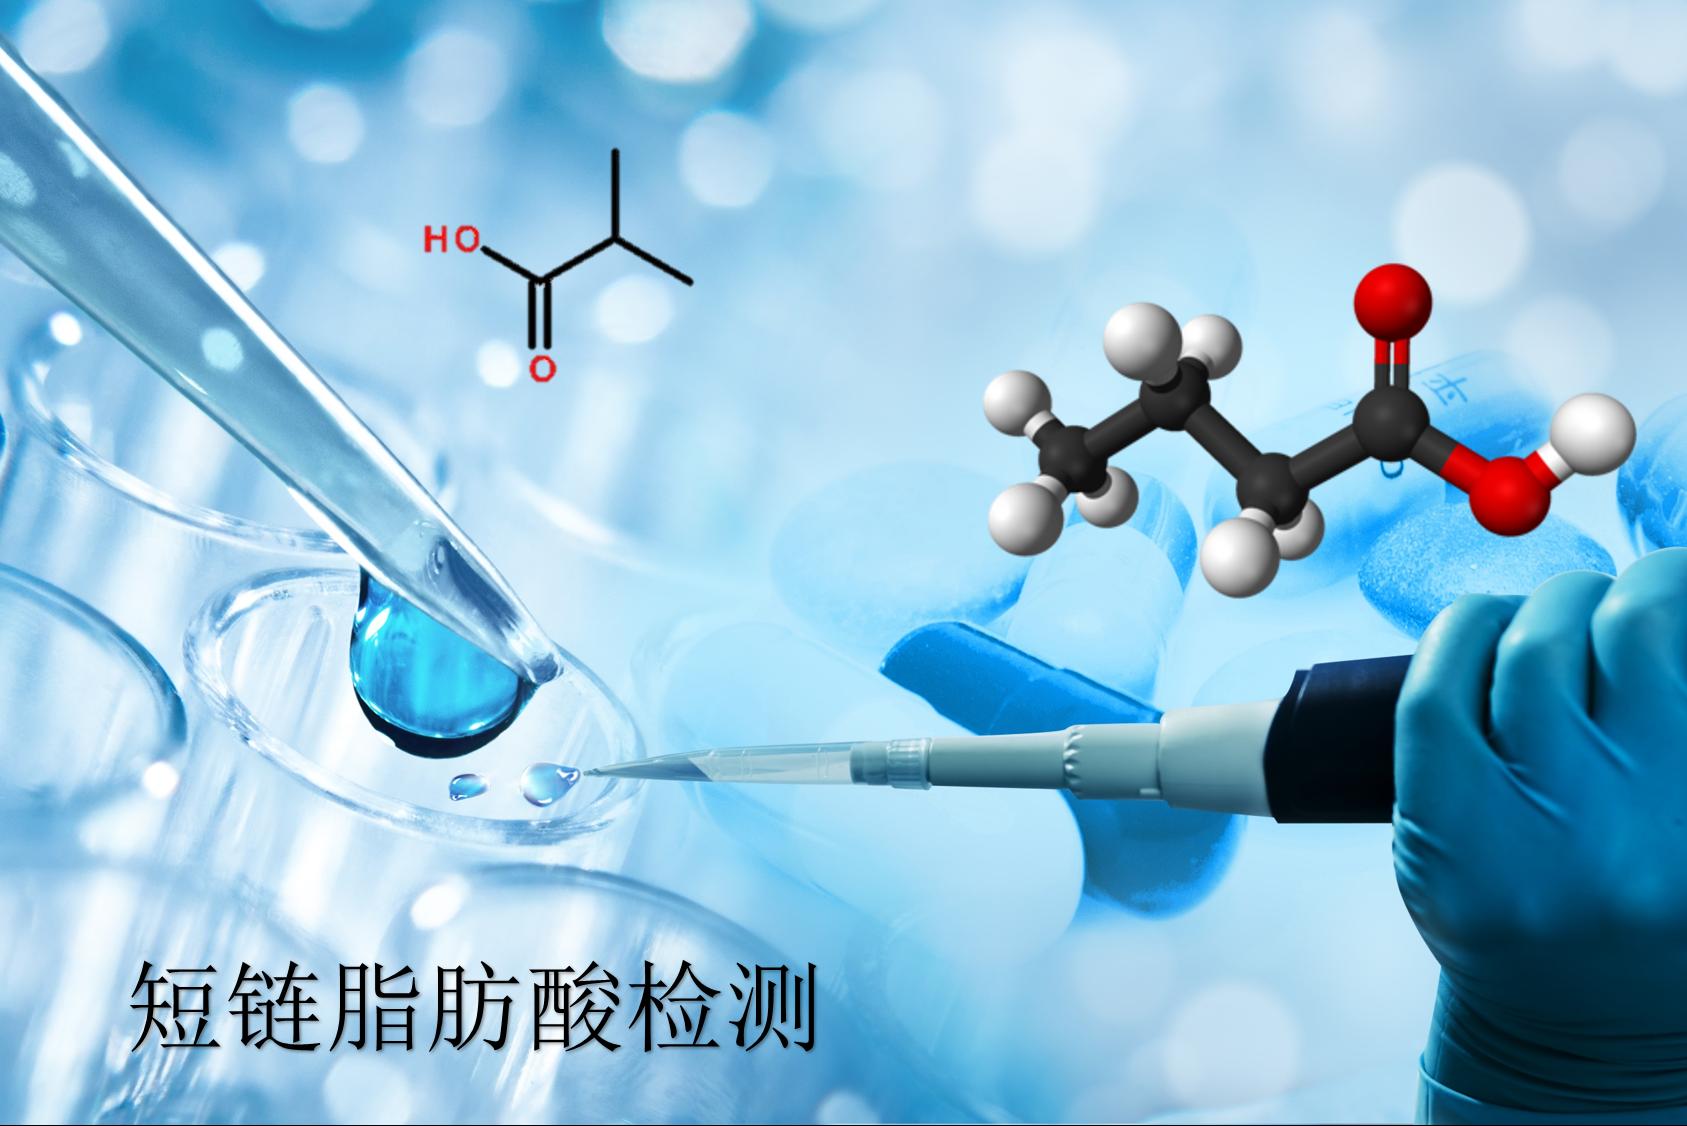 肠道菌群-短链脂肪酸靶向检测-绝对定量